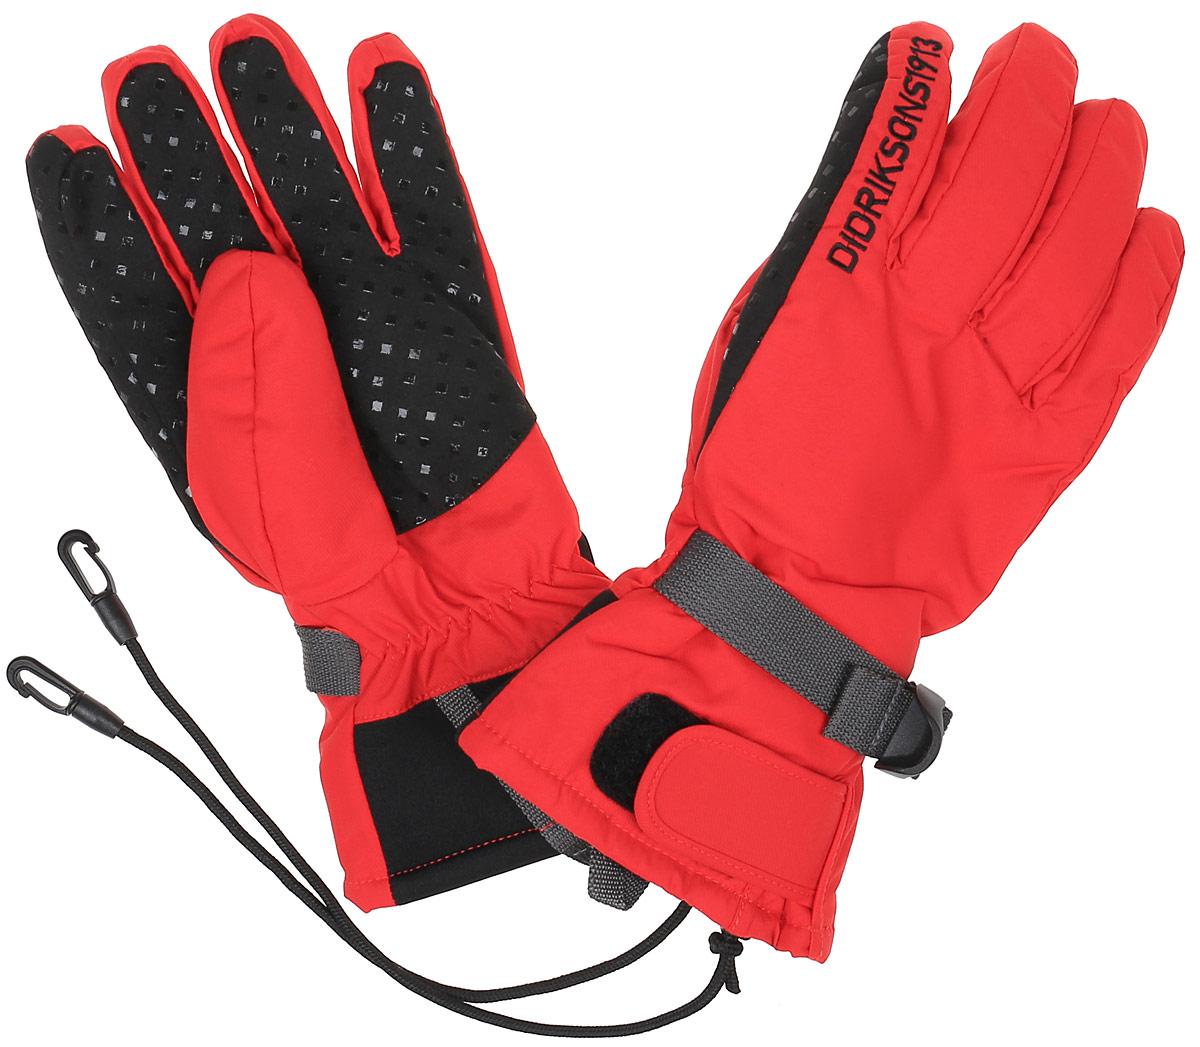 Перчатки детские501177_039Детские теплые перчатки Didriksons1913 Five, изготовленные из непромокаемой и непродуваемой мембранной ткани с утеплителем 60 г/м2, станут идеальным вариантом для холодной зимней погоды. На подкладке используется полиэстер, который хорошо удерживает тепло. Предусмотрены регулировка ширины манжета с помощью хлястика с липучкой и утяжка с фиксатором на запястье. На ладошках перчатки дополнены усиленными вставками. Также имеются веревочки с карабинами, с помощью которых их можно пристегнуть к комбинезону.